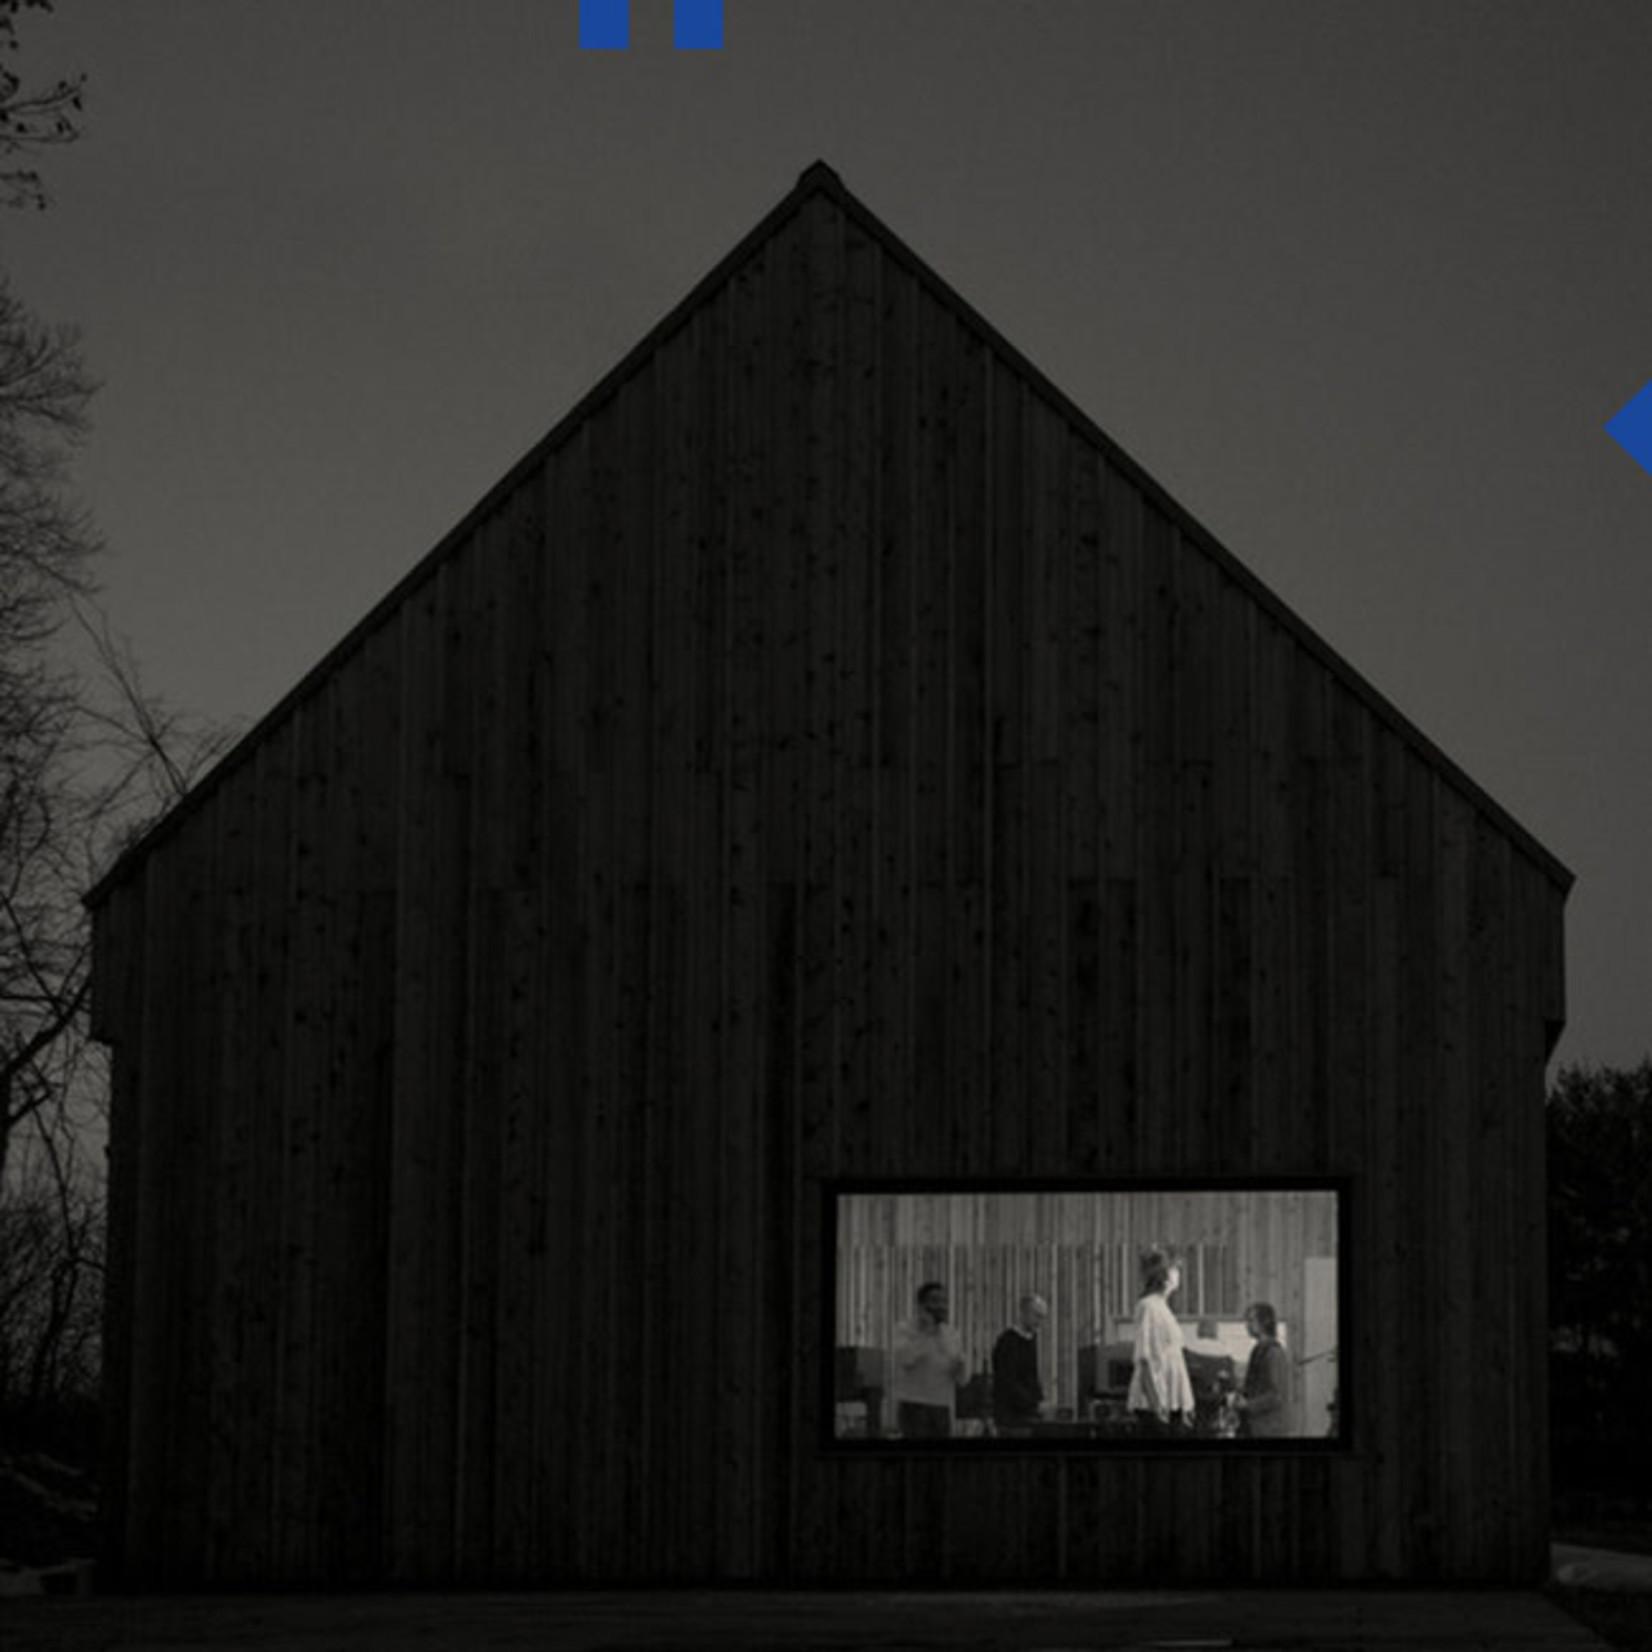 [New] National: Sleep Well Beast (gatefold, white vinyl) (2LP)